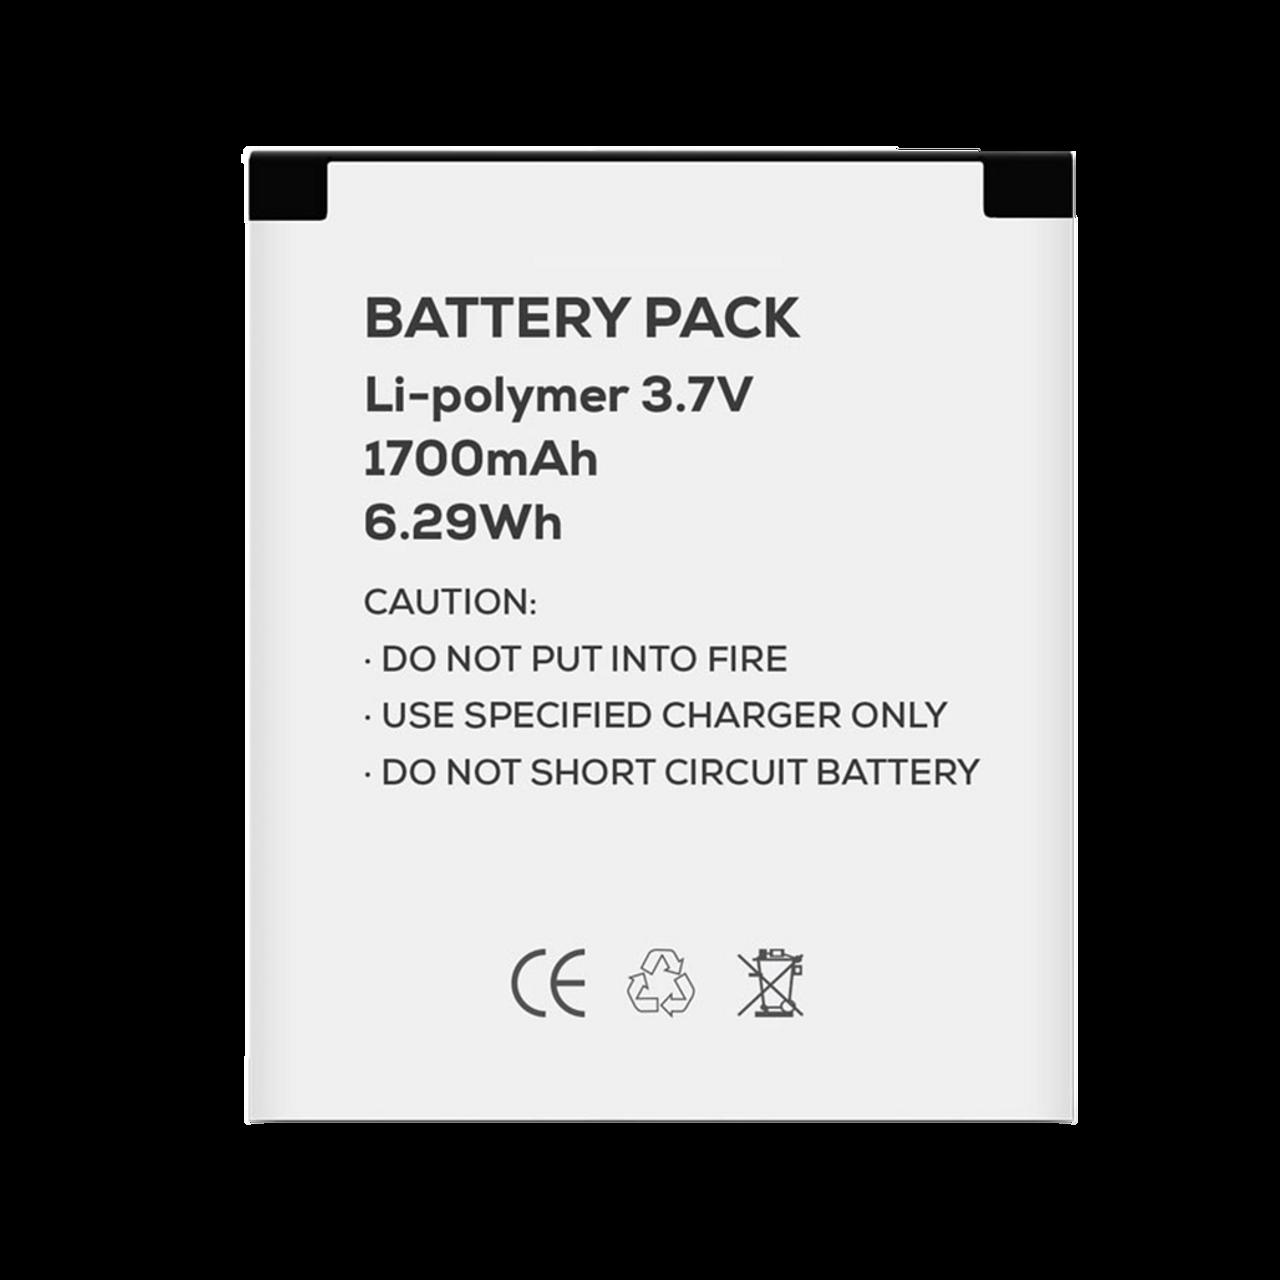 Os Horizon Gps Spare Battery